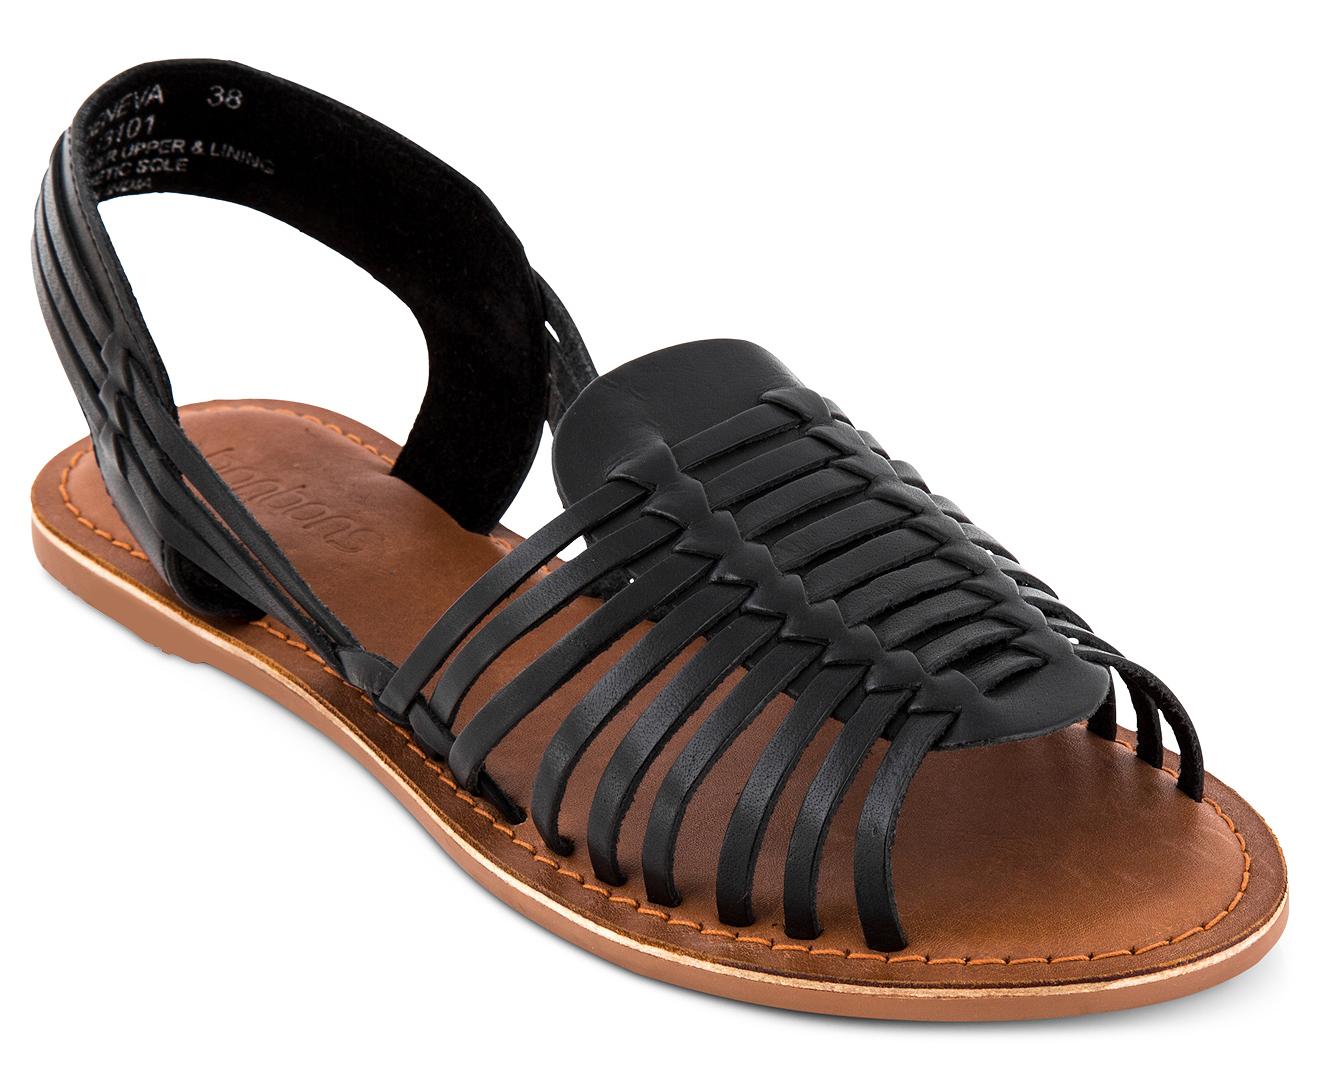 Bonbons Shoes Online Australia